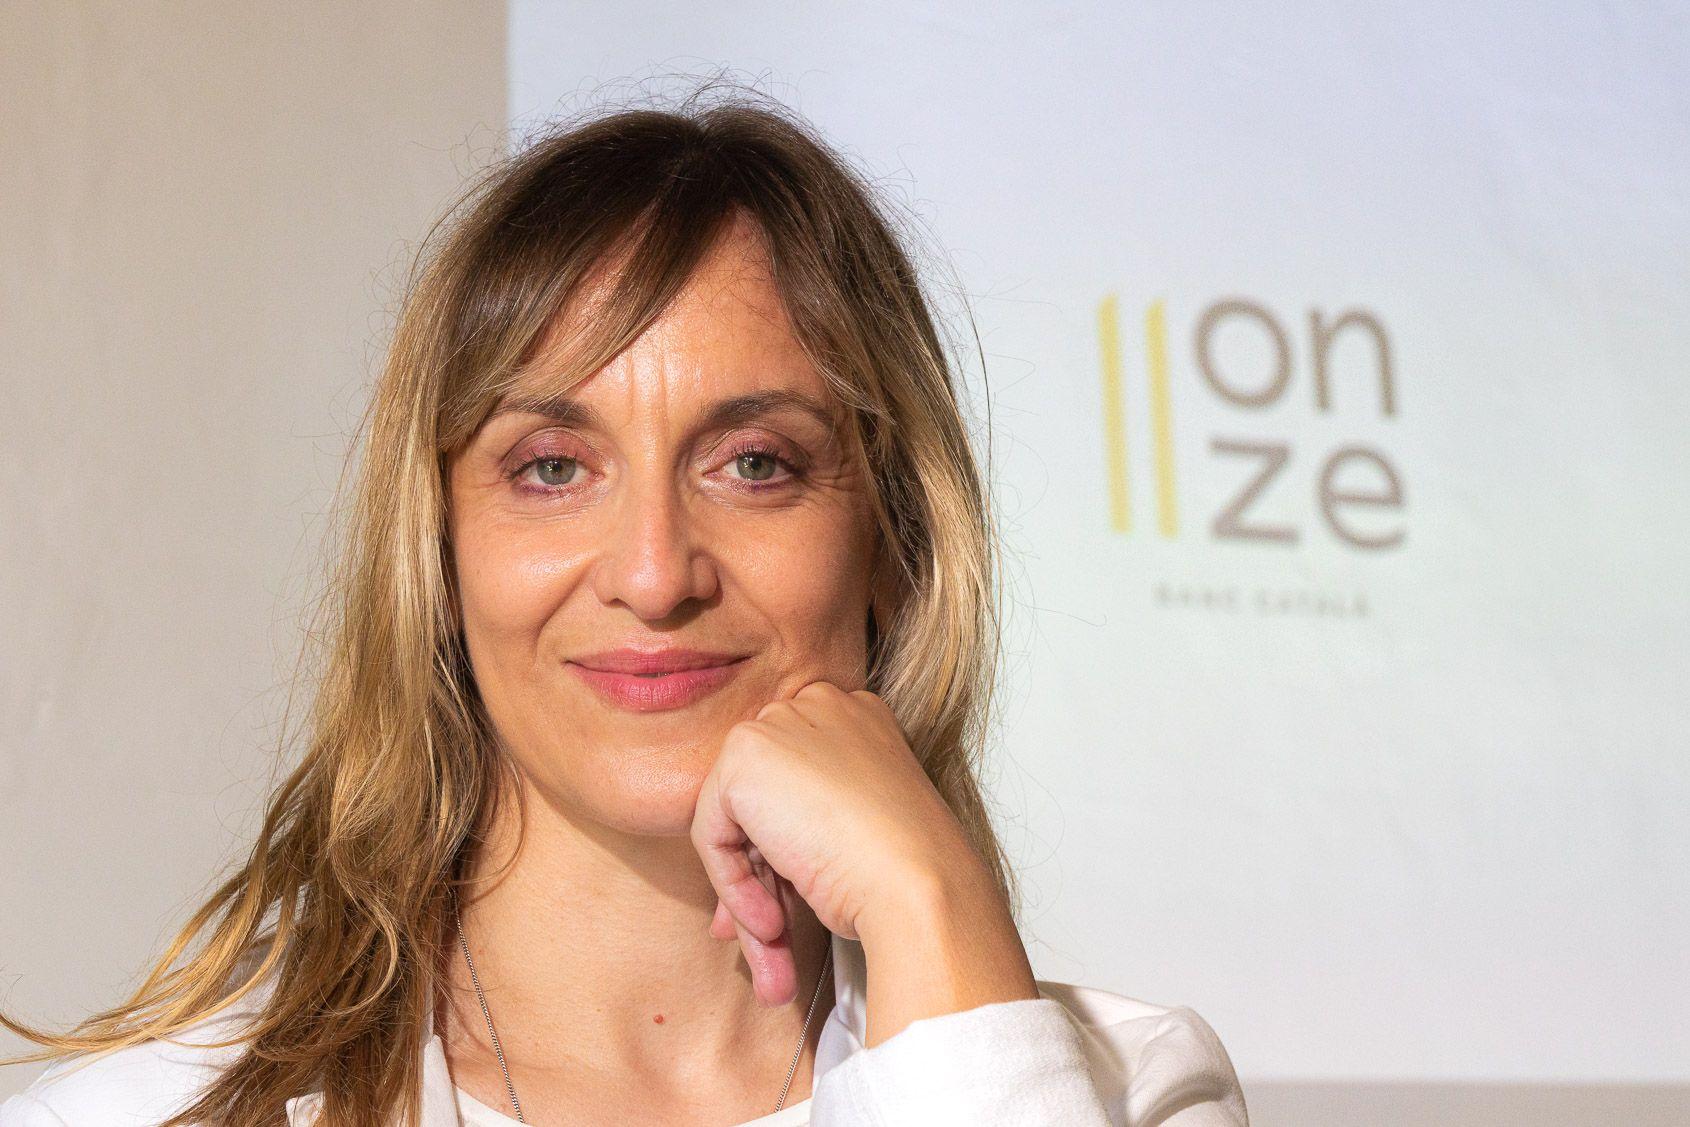 Natàlia Cugueró, CEO de la 'fintech' Onze / Jordi Borràs